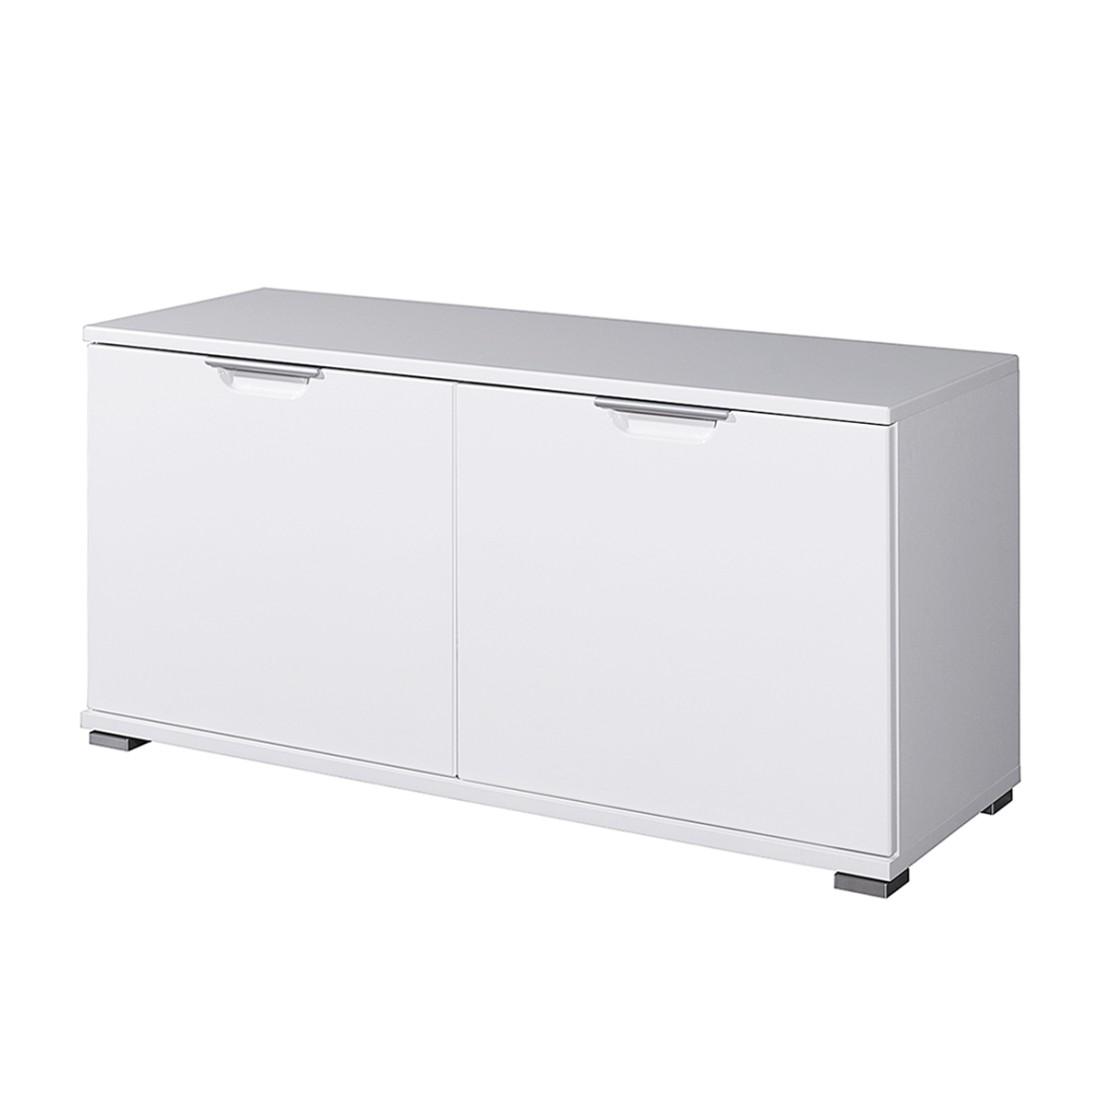 Garderobenbank Trenta - Weiß Hochglanz